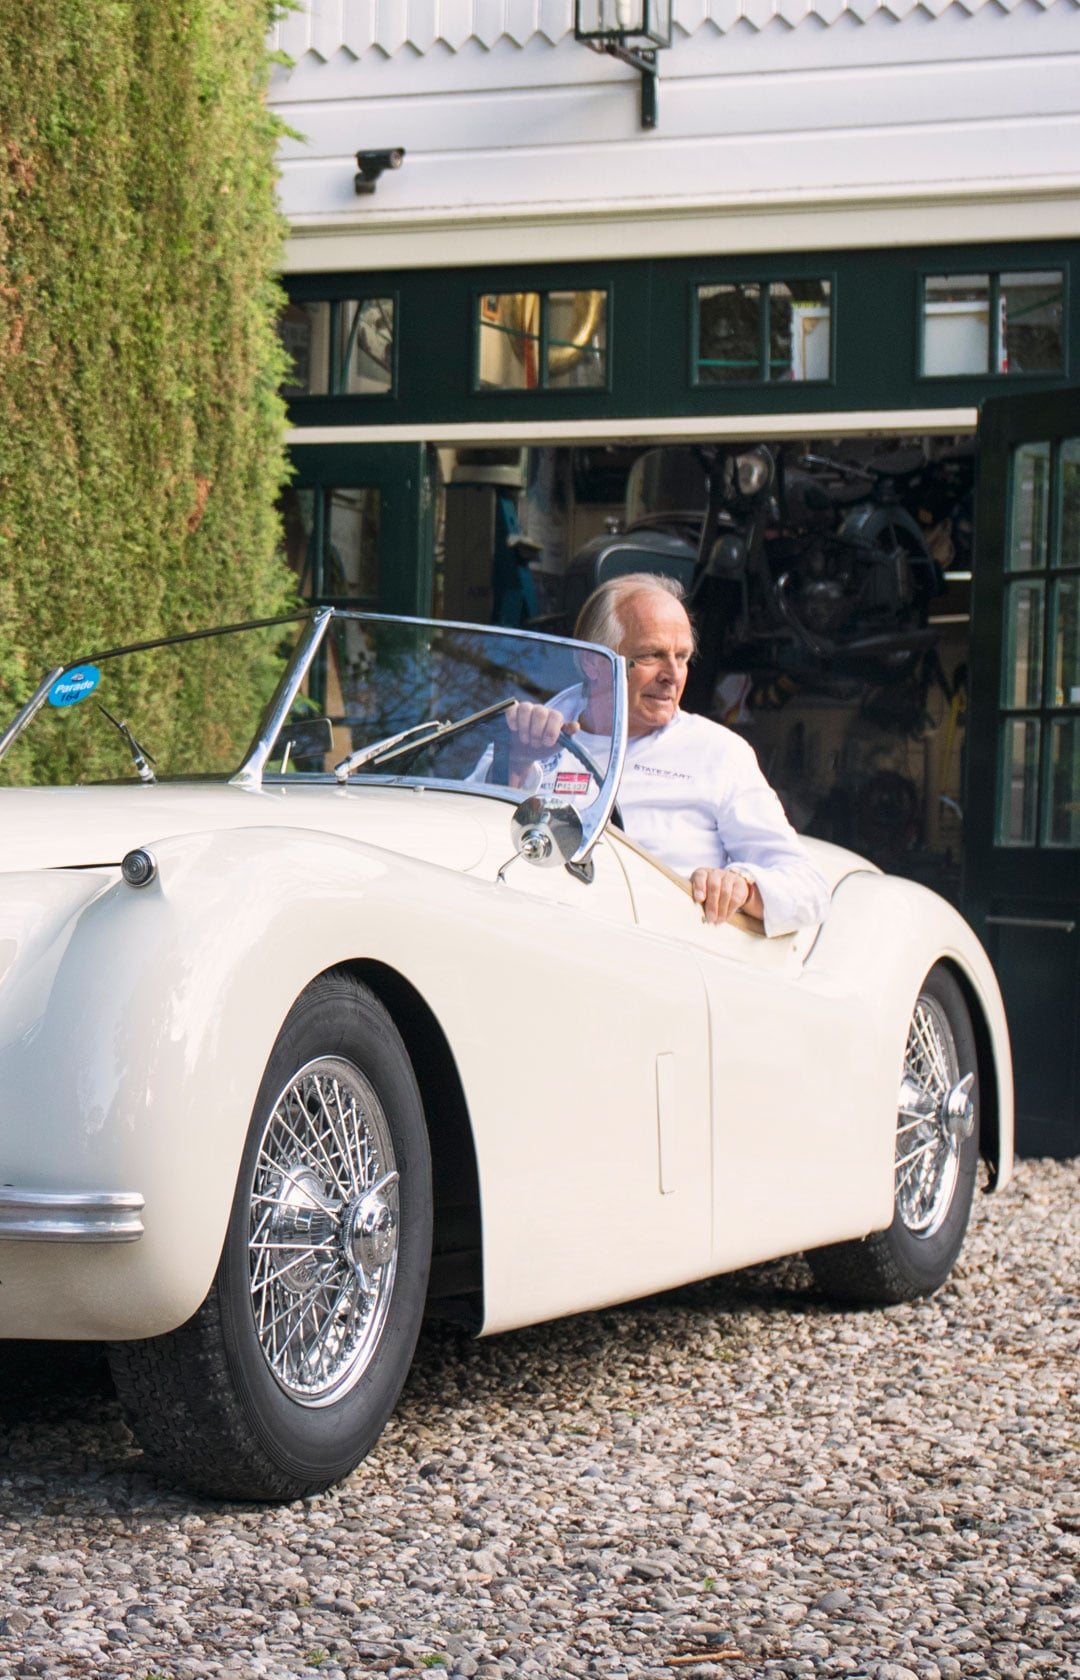 Rij zelf in de Jaguar XK120 van Michael Bleekemolen met Rijeenklassieker.nl